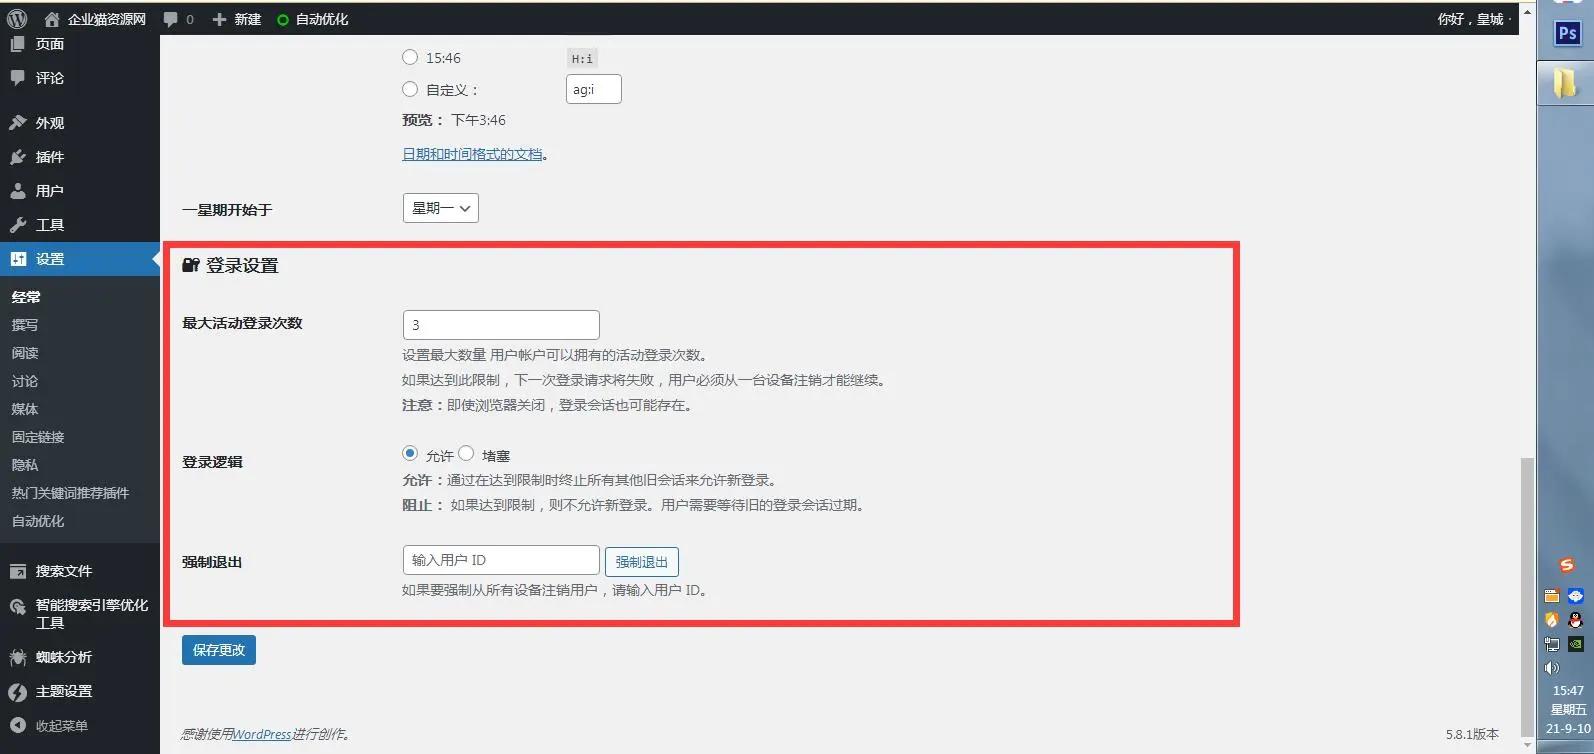 带安装教程丨Erphp loggedin 异地IP登录自动禁封用户 WordPress插件